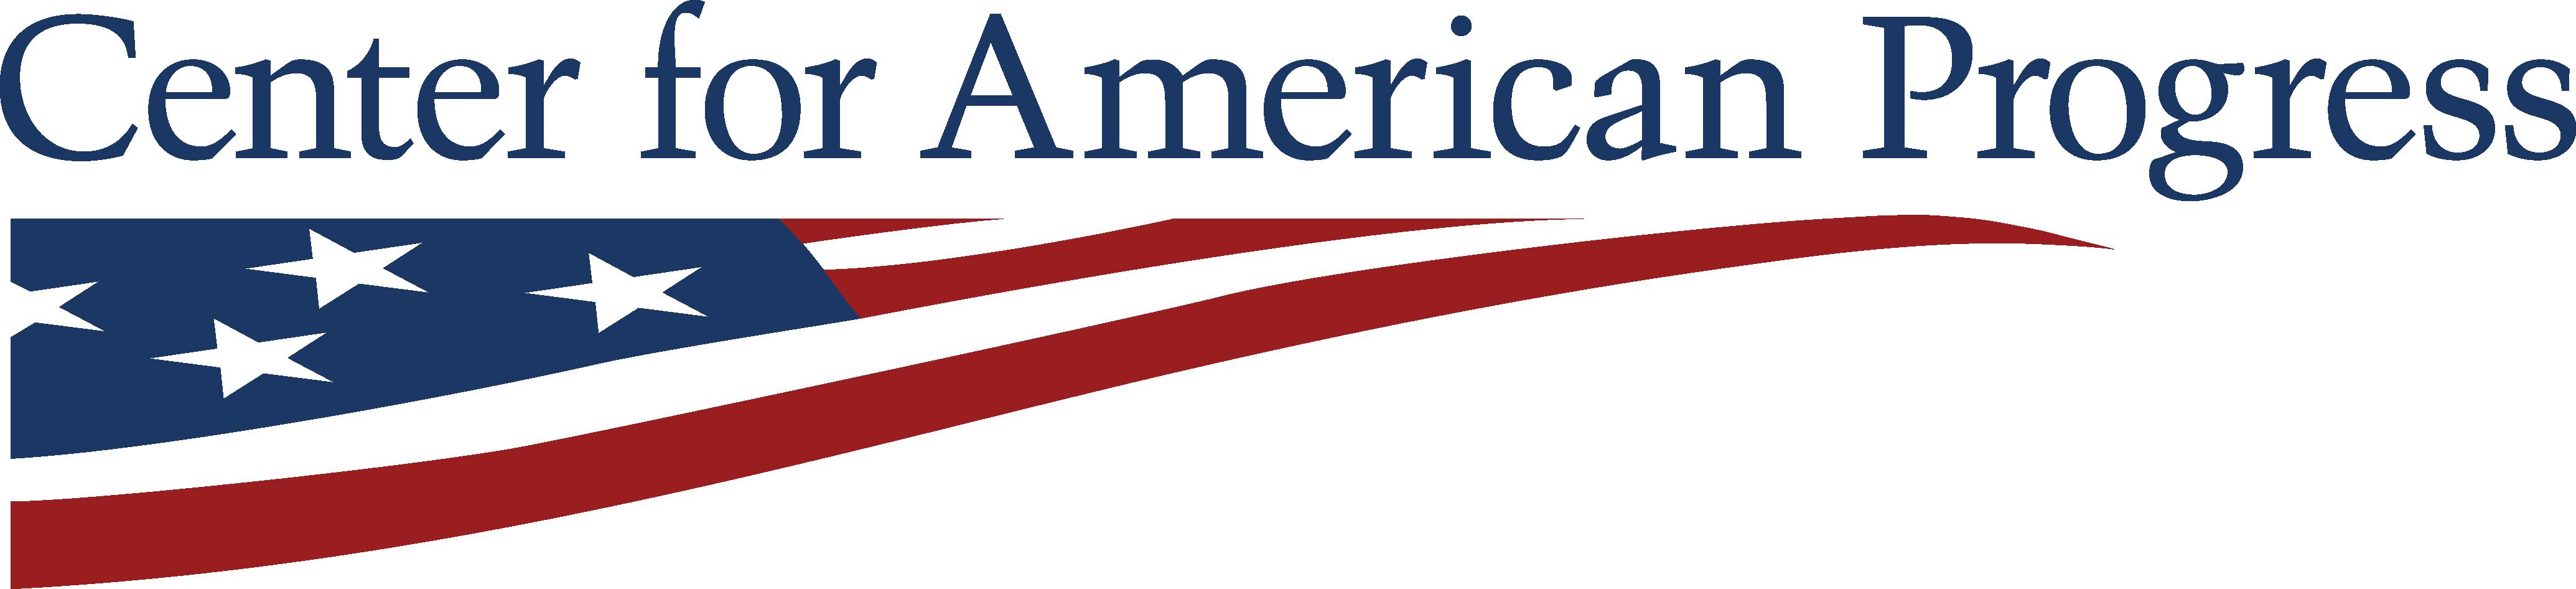 CAP-logo-large